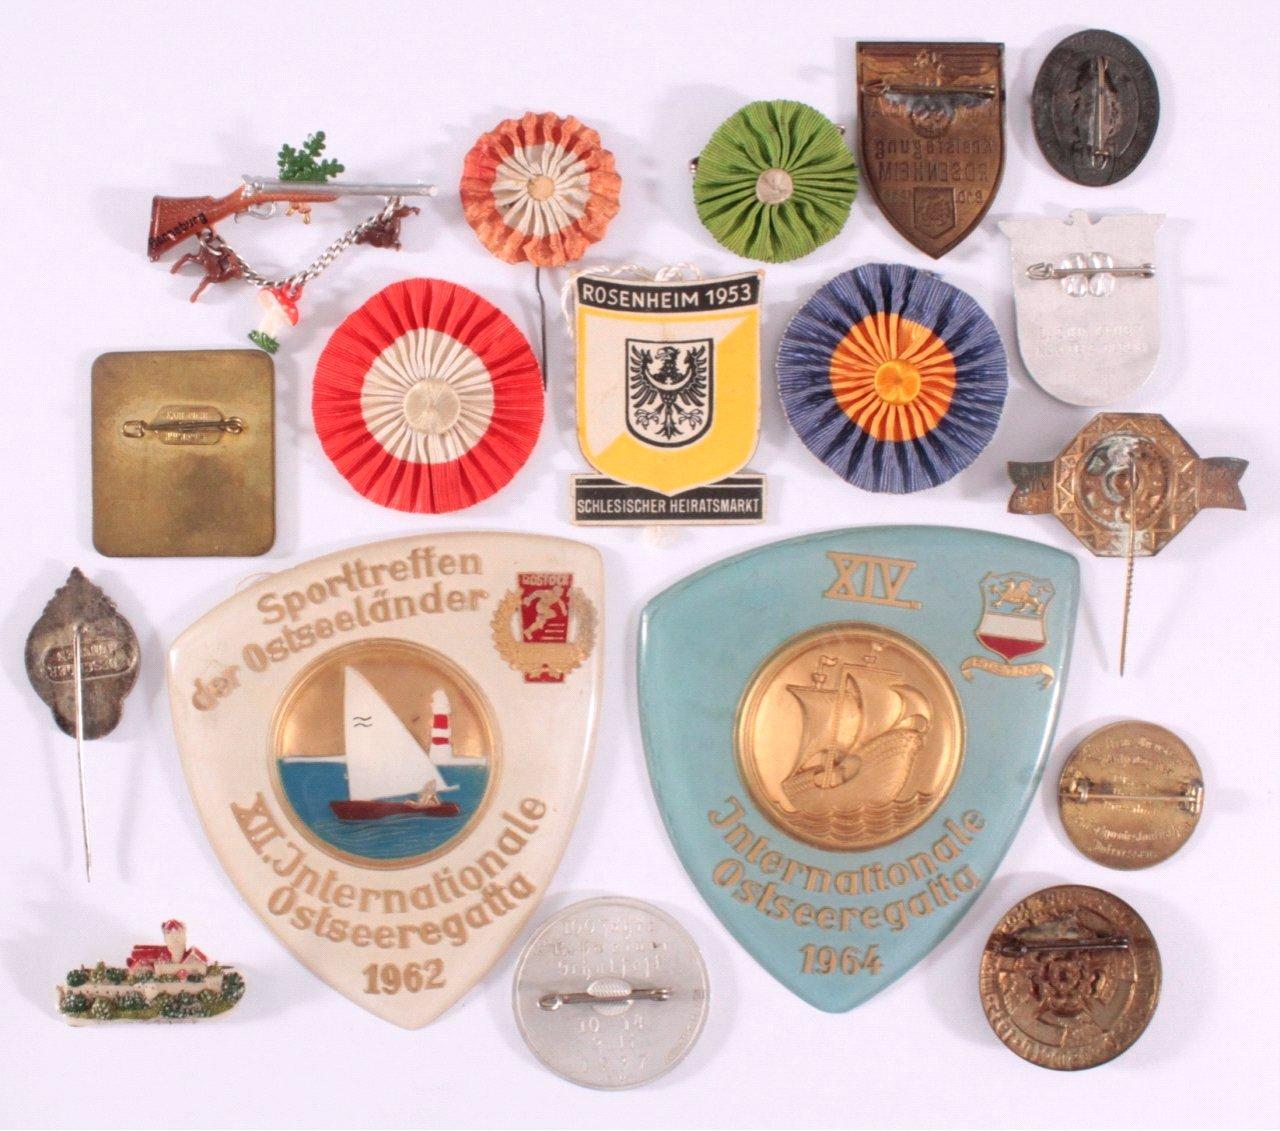 18 Veranstaltungsabzeichen Rohrbach Rudolfstadt